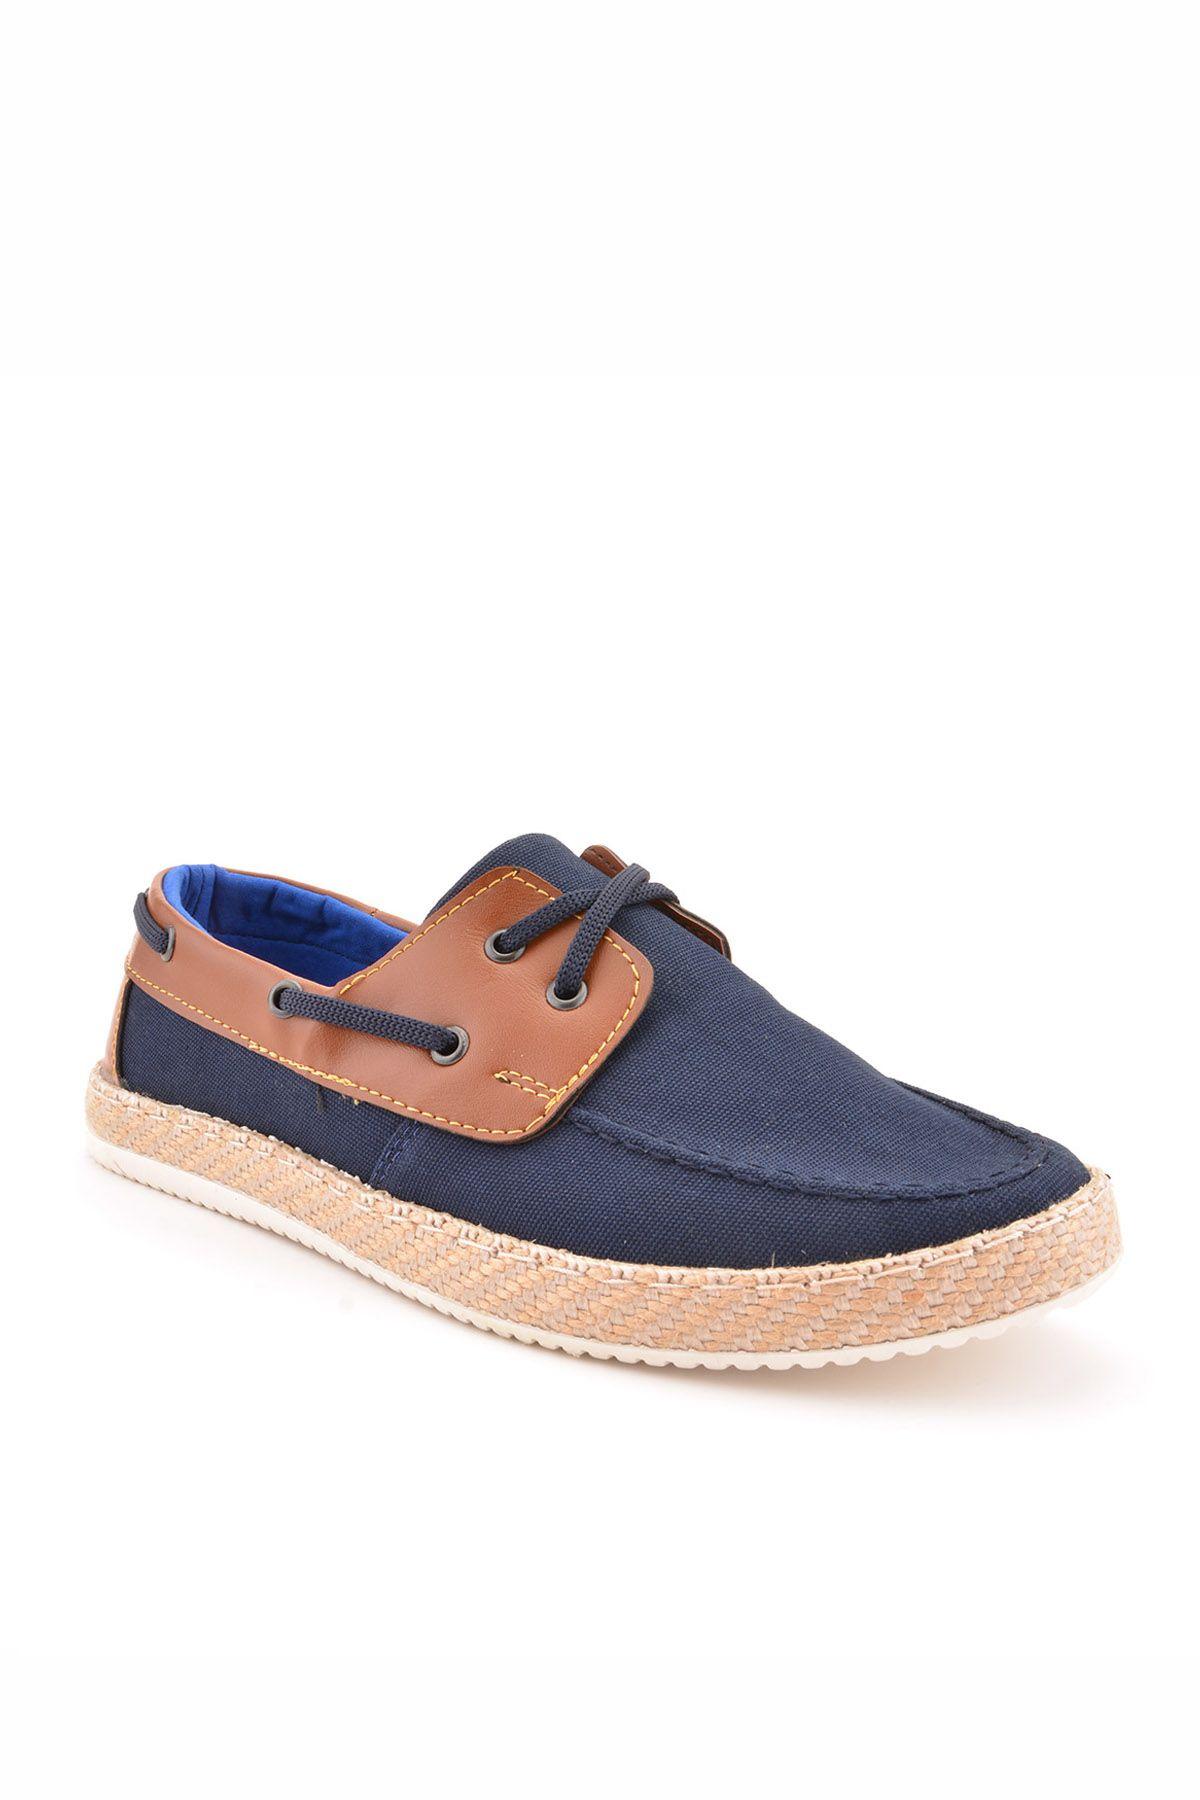 Koza Hakiki Deri Detaylı Keten Erkek Ayakkabı KZ96 Navy blue